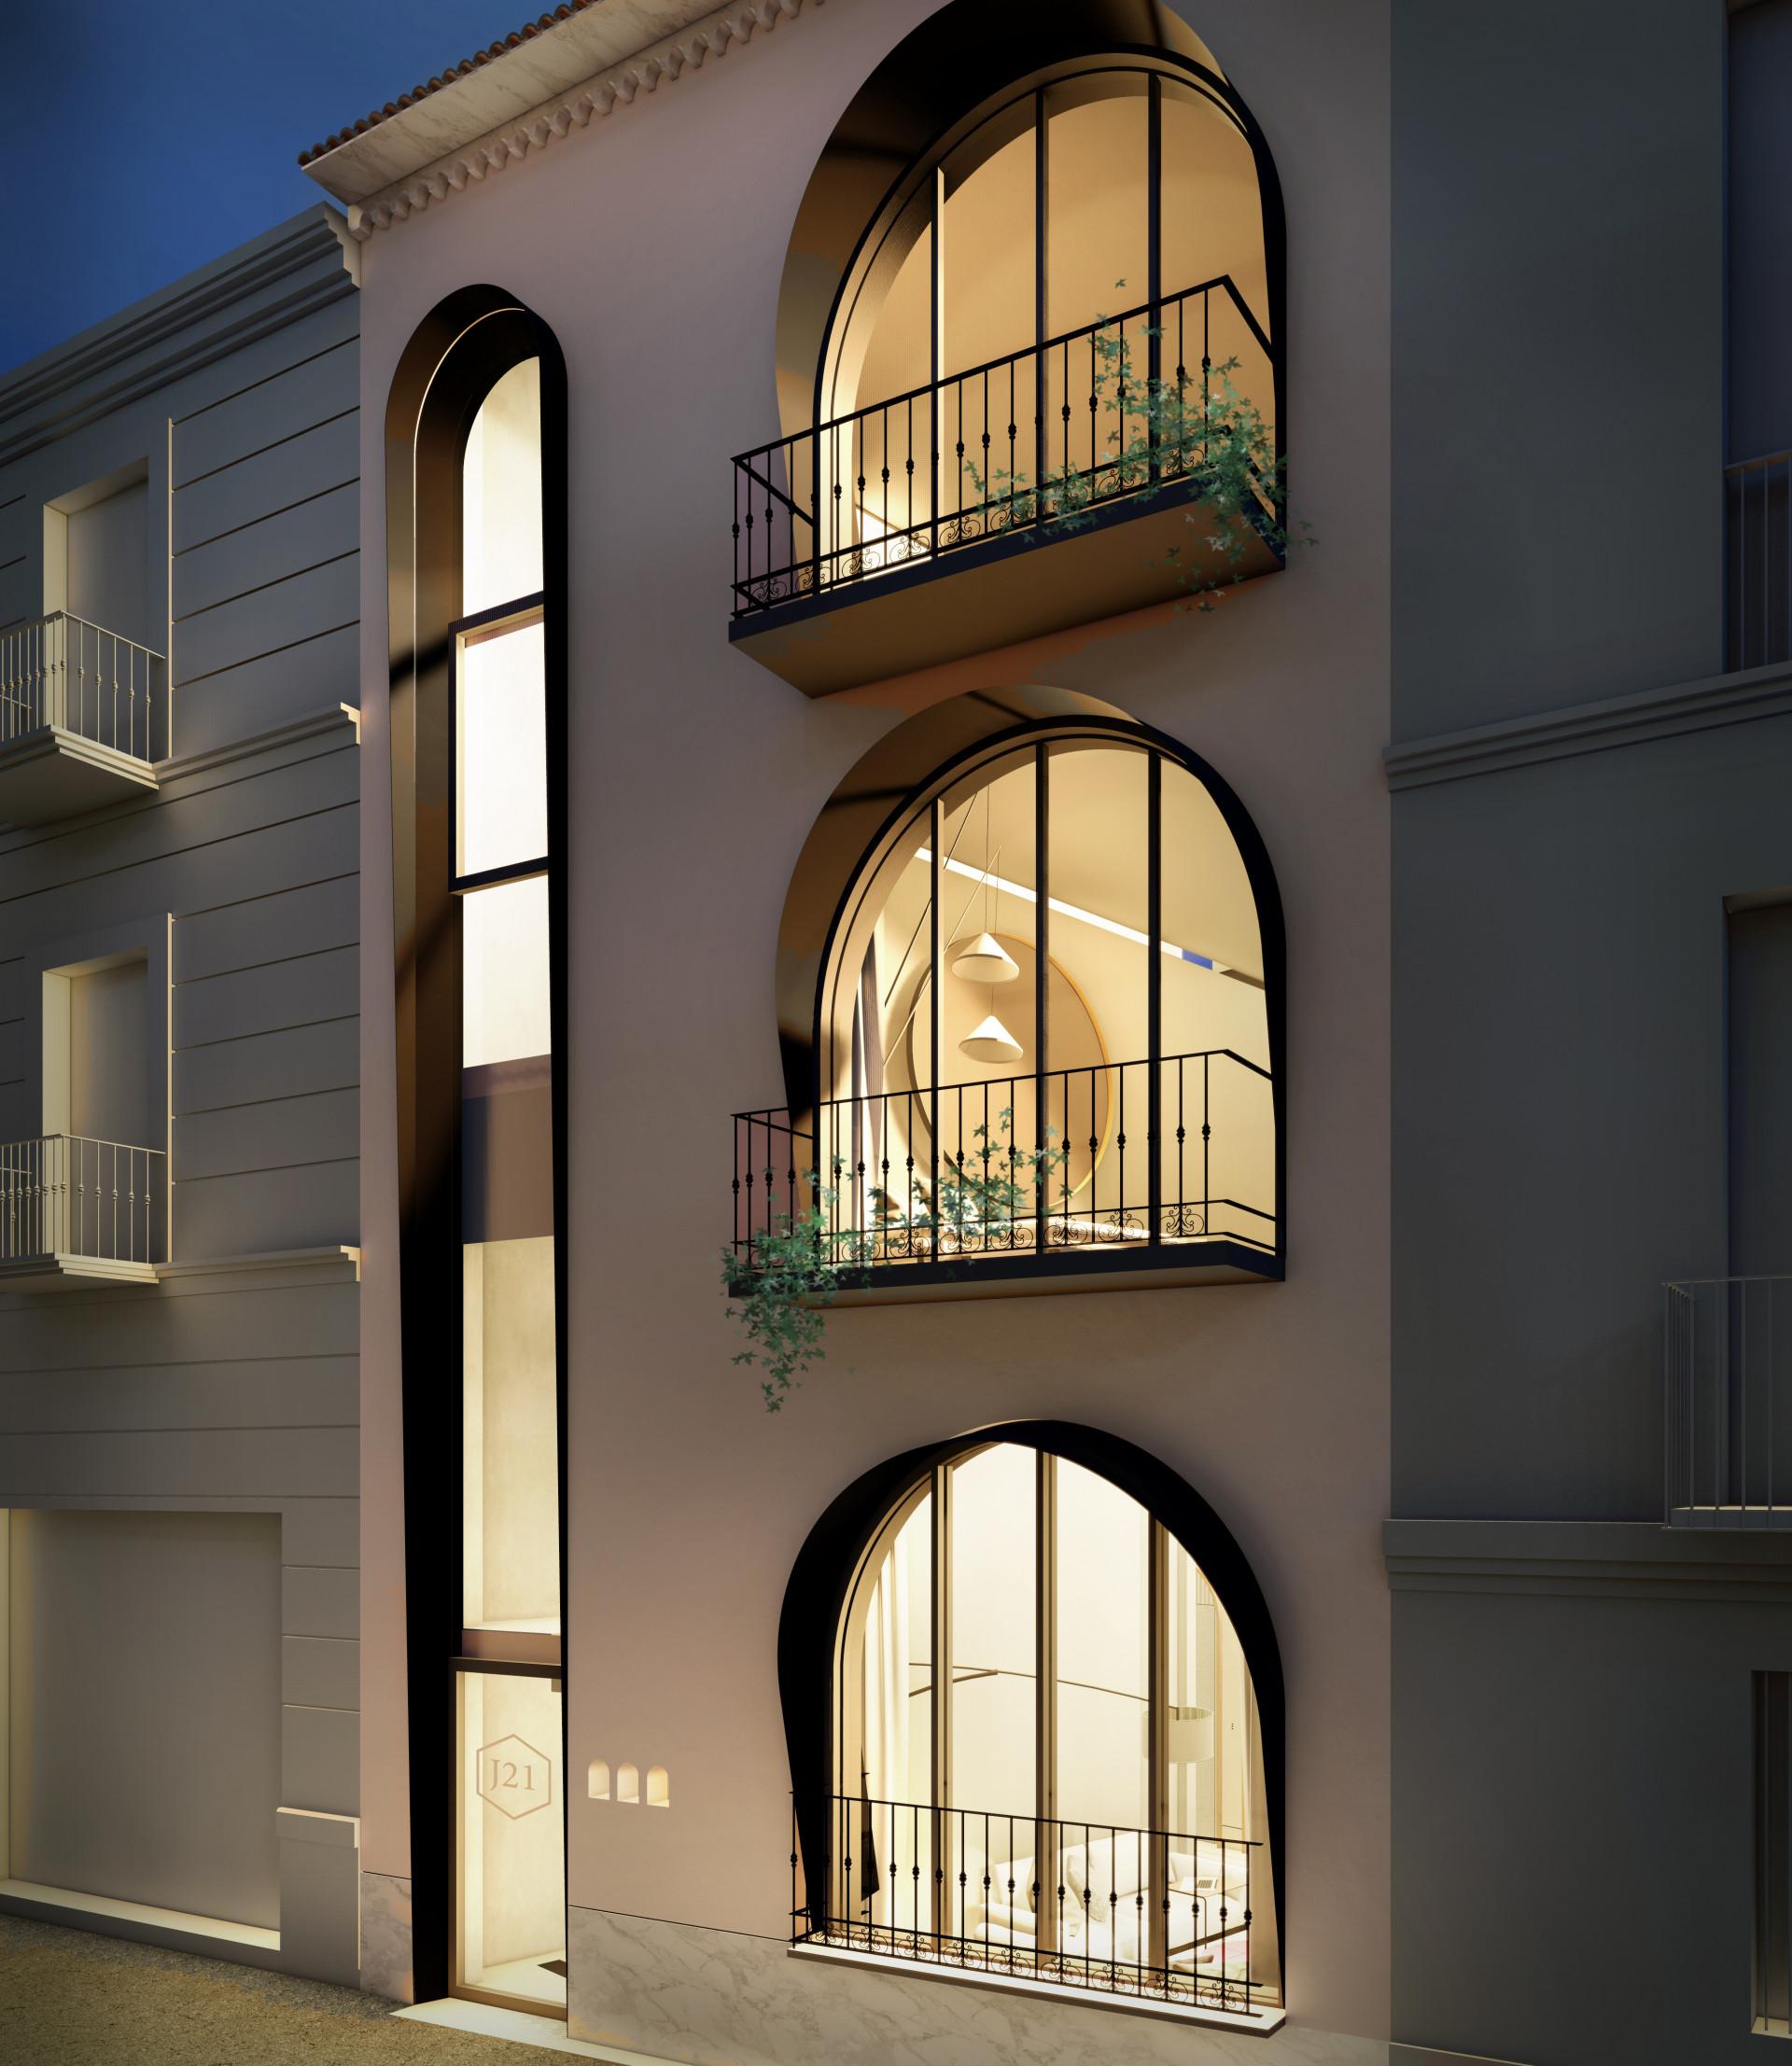 Classic style apartments for sale in Málaga city center - Málaga Downtown